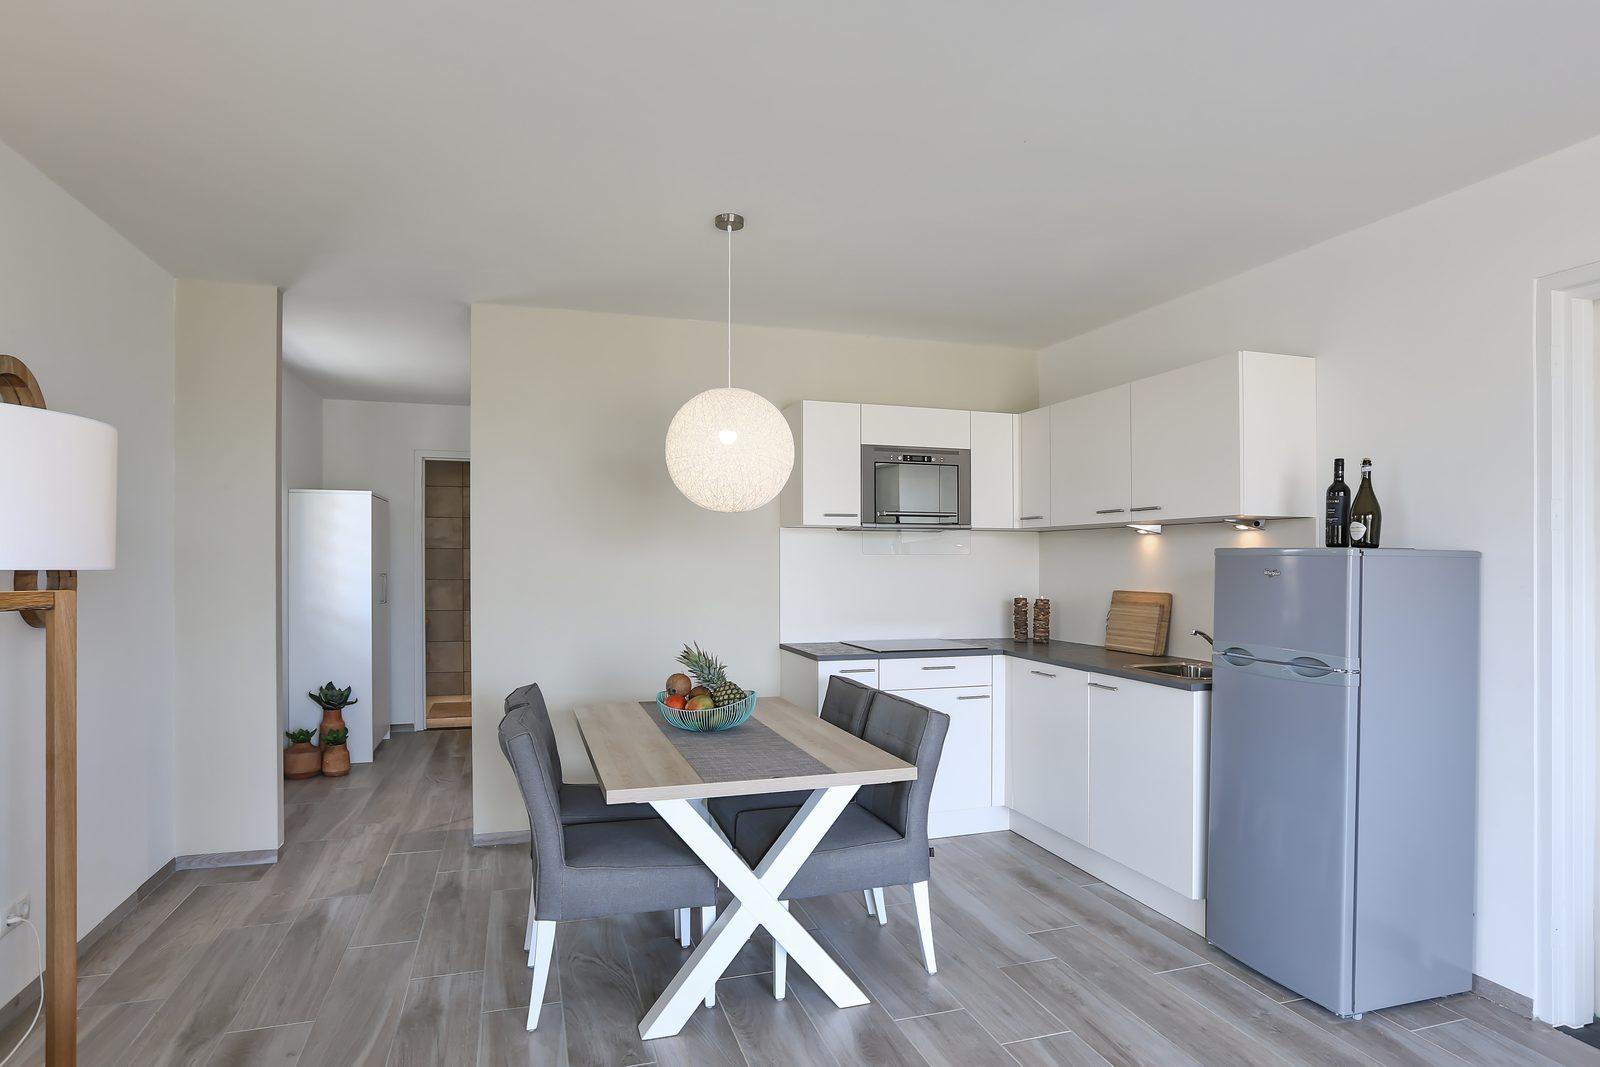 De appartementen van Resort Bonaire beschikken over veel ruimte. Deze appartementen zijn geschikt voor 4 tot 6 personen.